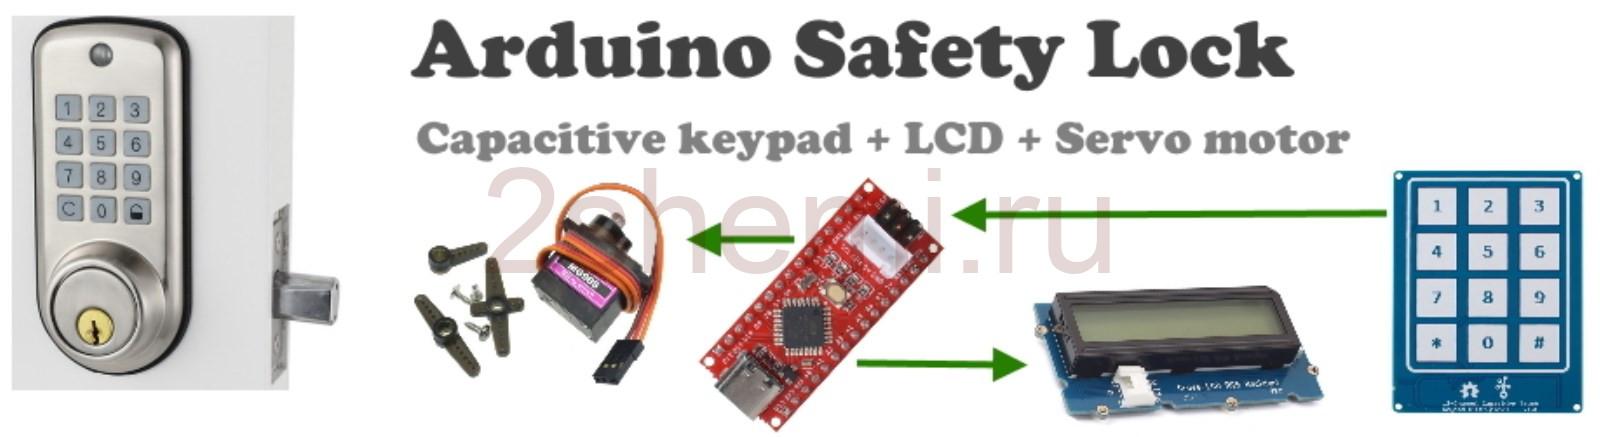 Электронный кодовый замок на Arduino и серво